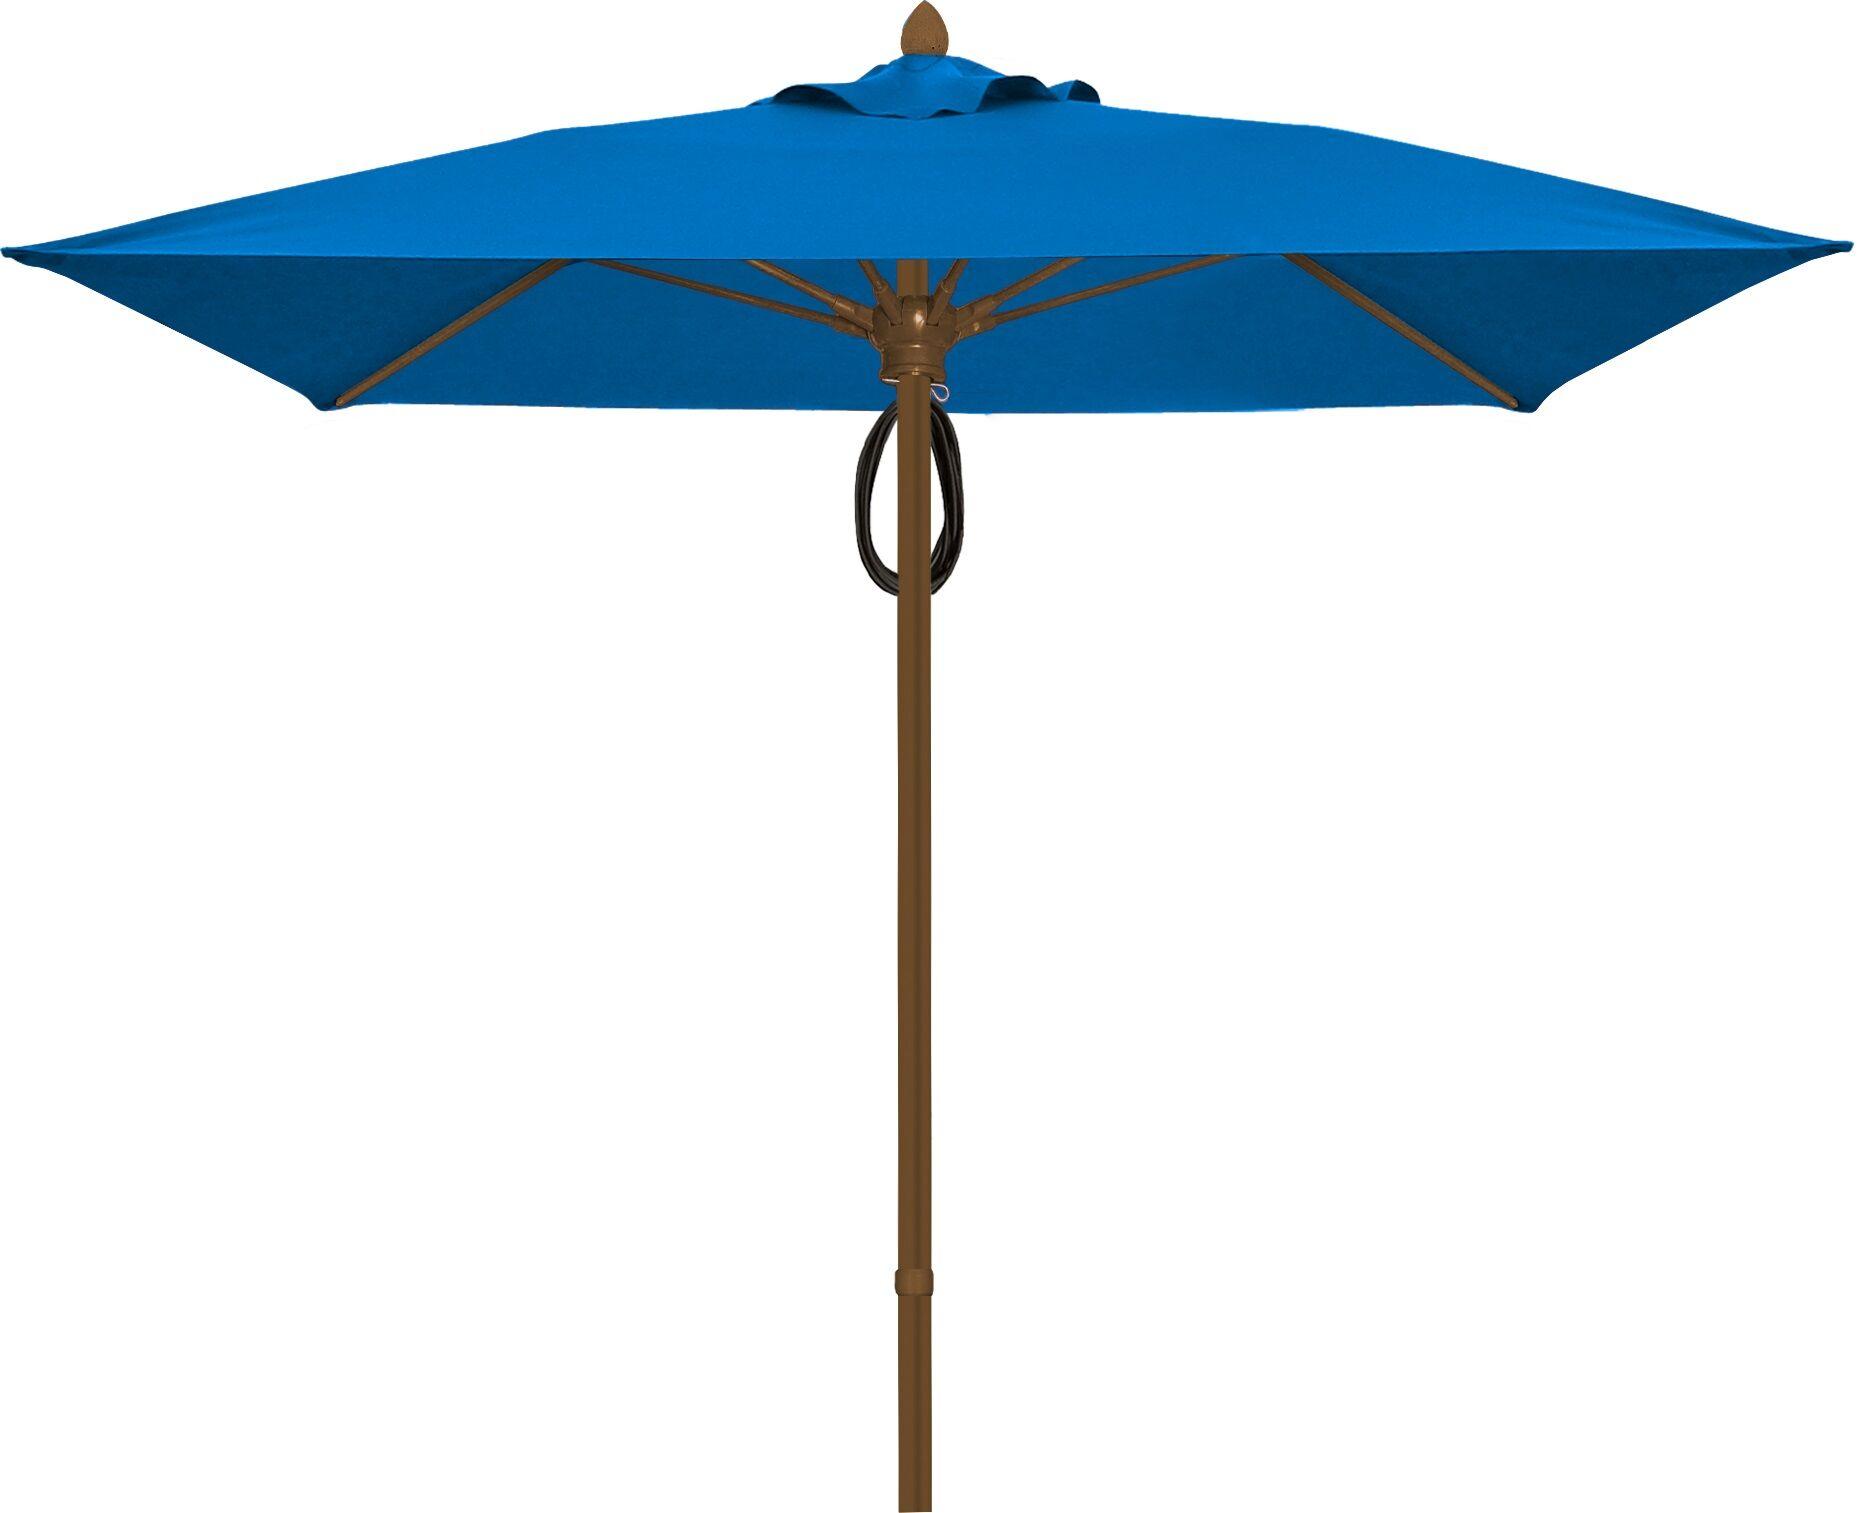 Prestige 6' Square Market Umbrella Frame Finish: Champagne Bronze, Fabric: Pacific Blue